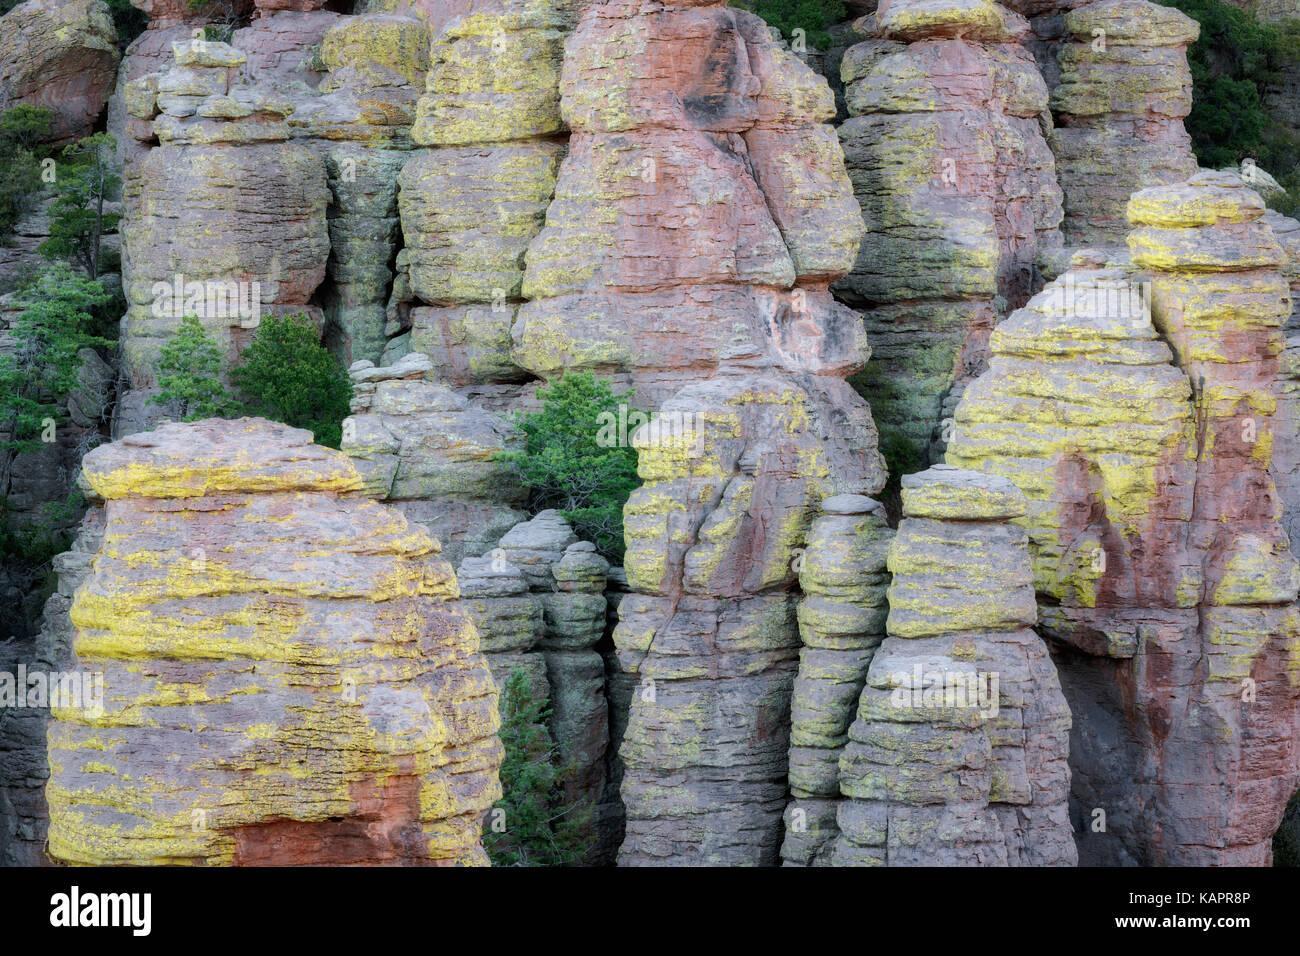 Innumerables formaciones de rocas cubiertas de líquenes y hoodoos se encuentran a lo largo de Arizona se Chiricahua Foto de stock